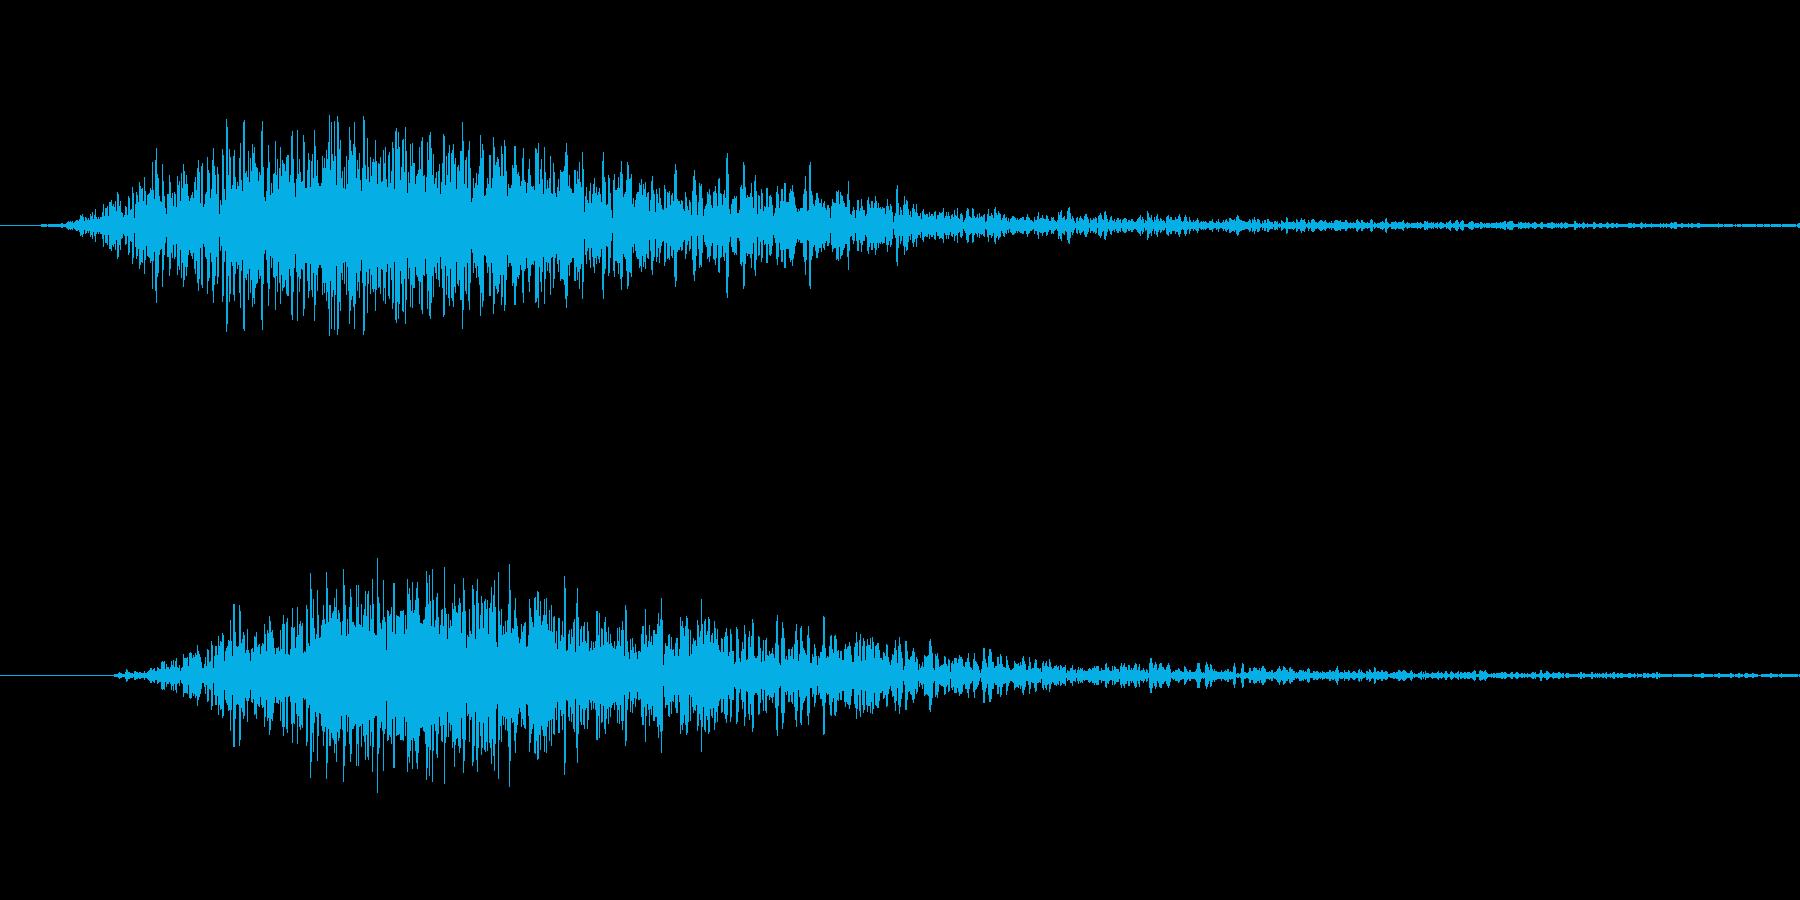 刀を振る音の再生済みの波形